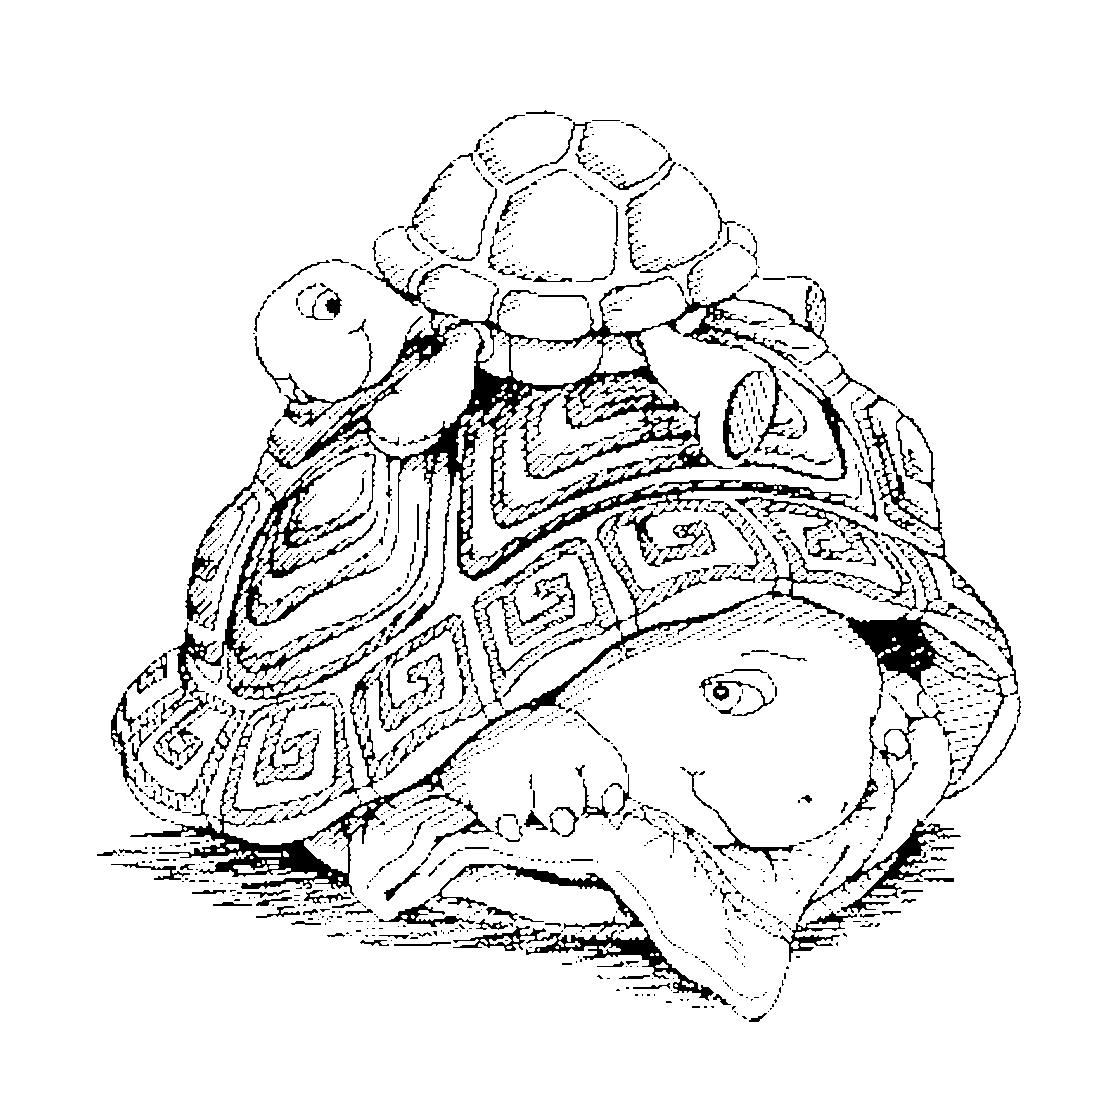 Черепаха с черепашонком - раскраска №2046 | Printonic.ru